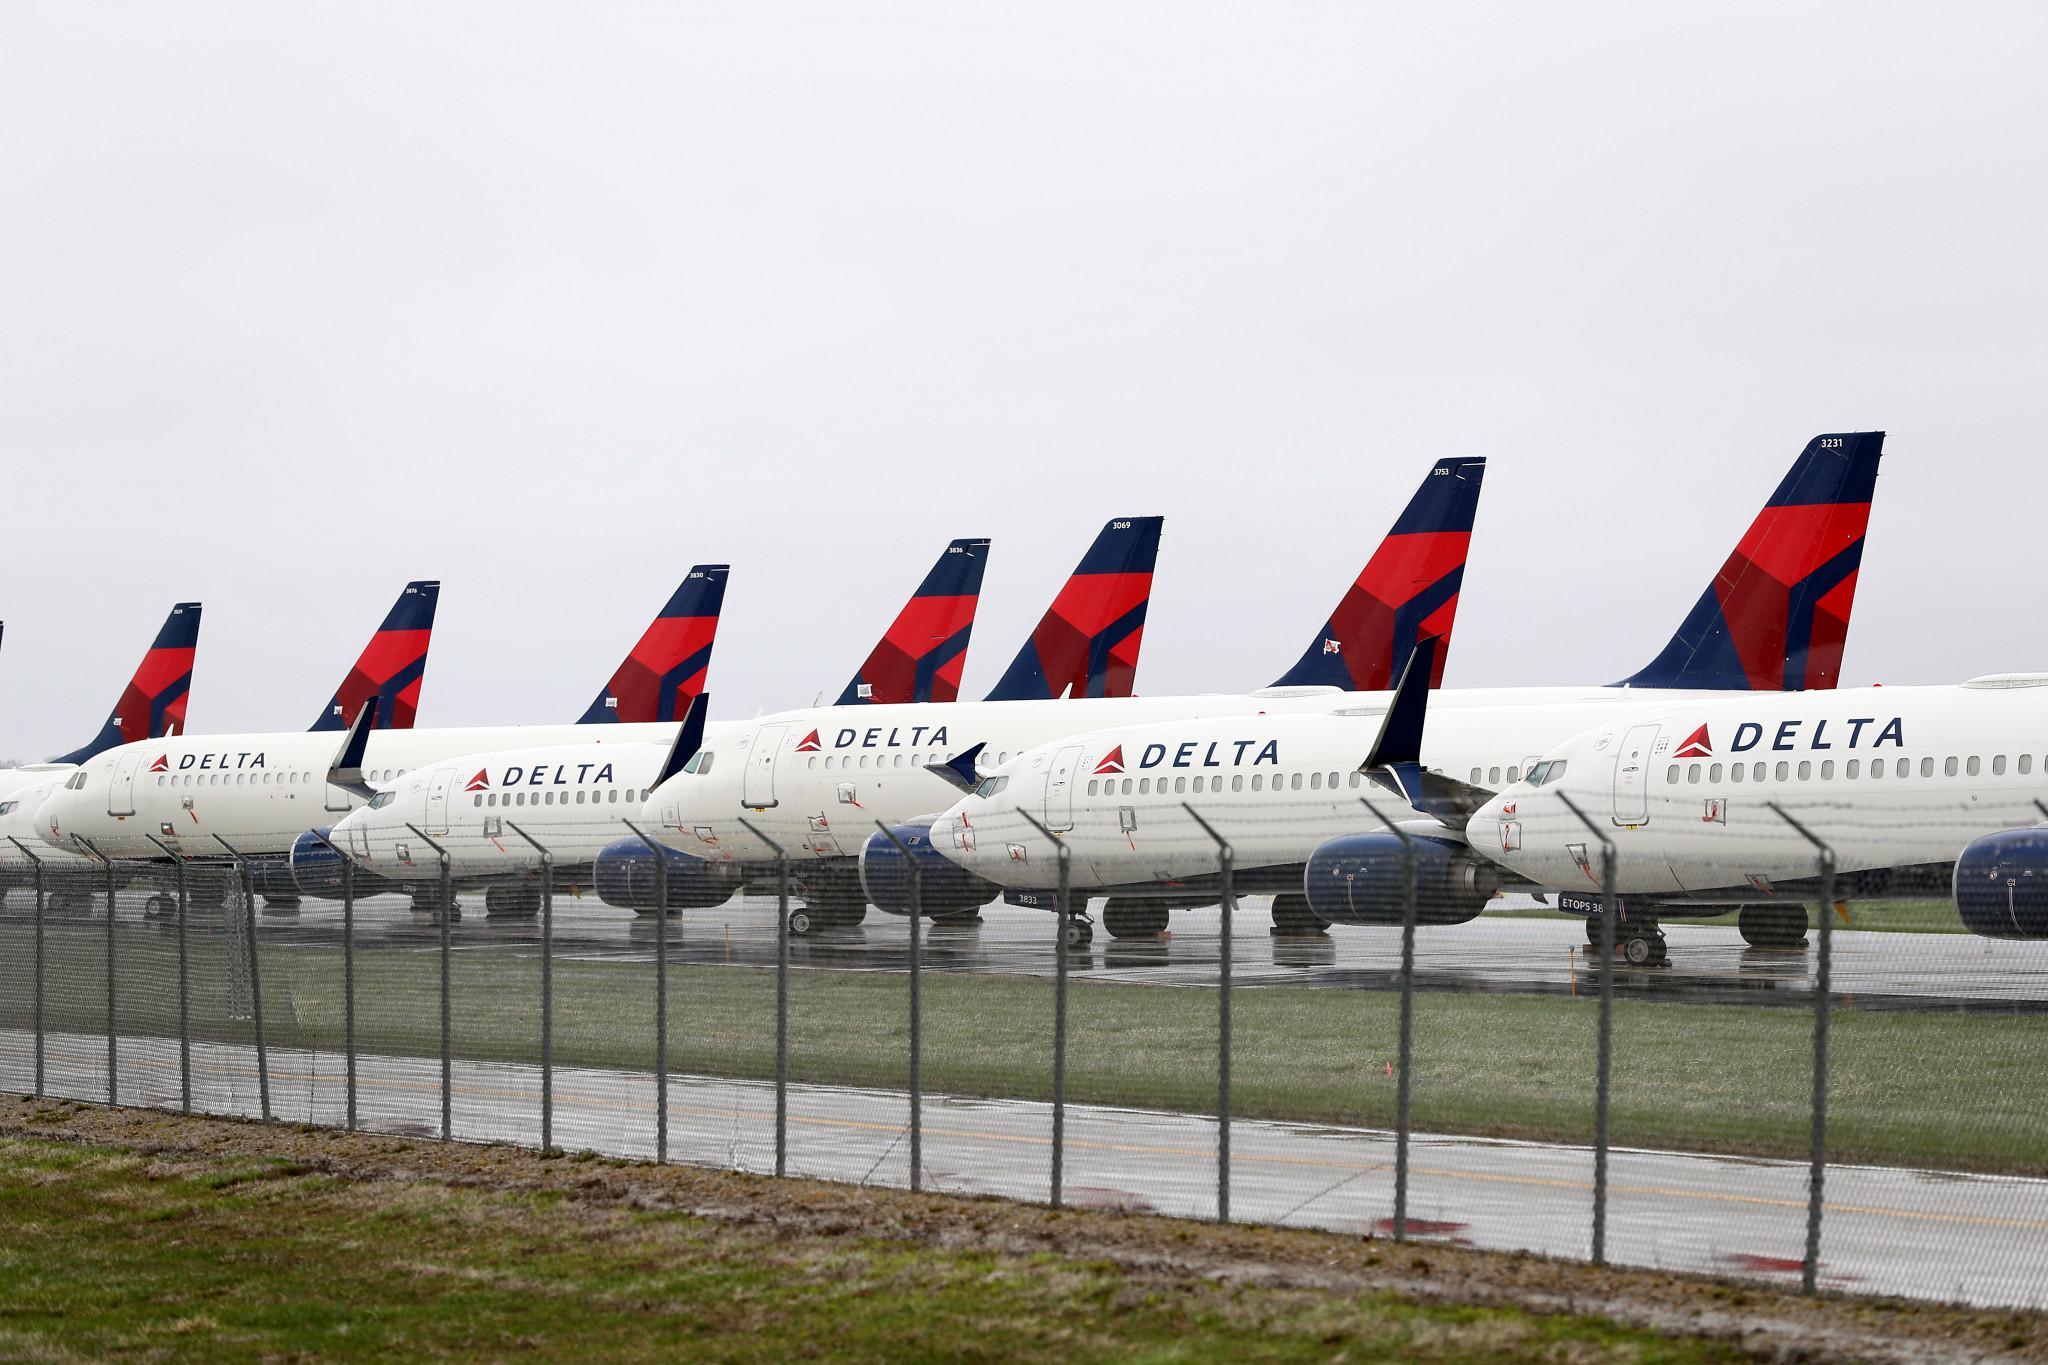 Los Angeles 2028 sponsor Delta Air Lines posts huge $15.6 billion loss